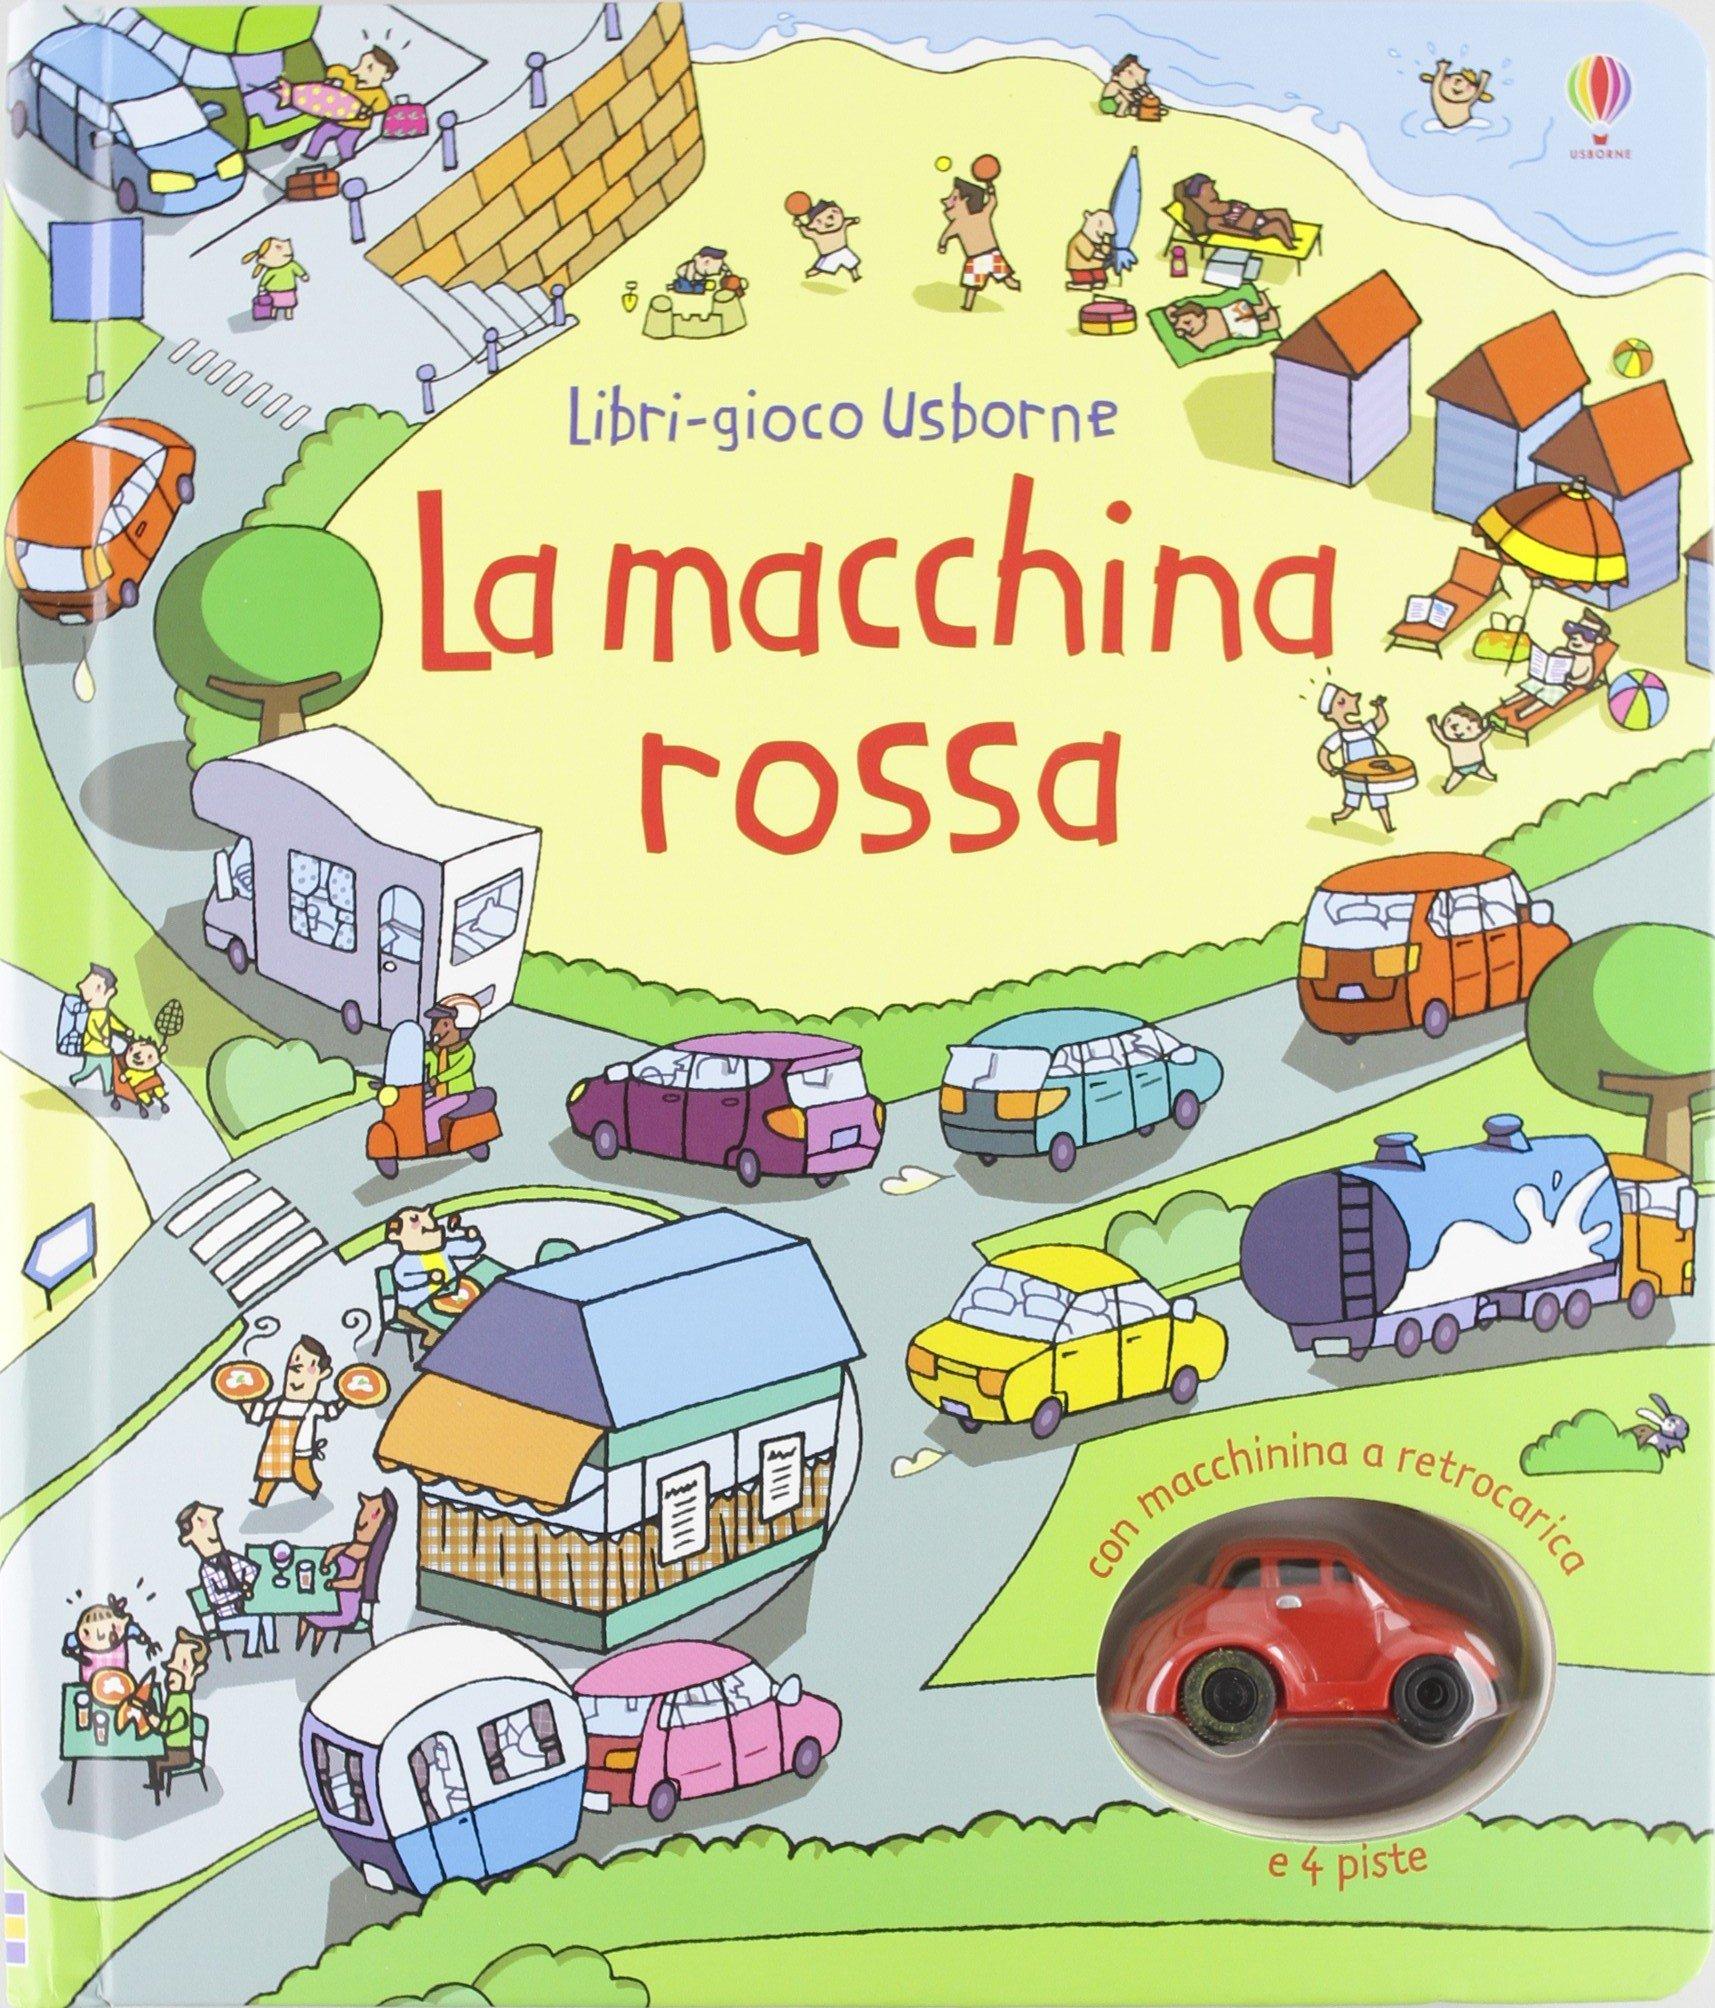 La Macchina Rossa Tognetti Stefano Watt Fiona 9781409542797 Amazon Com Books